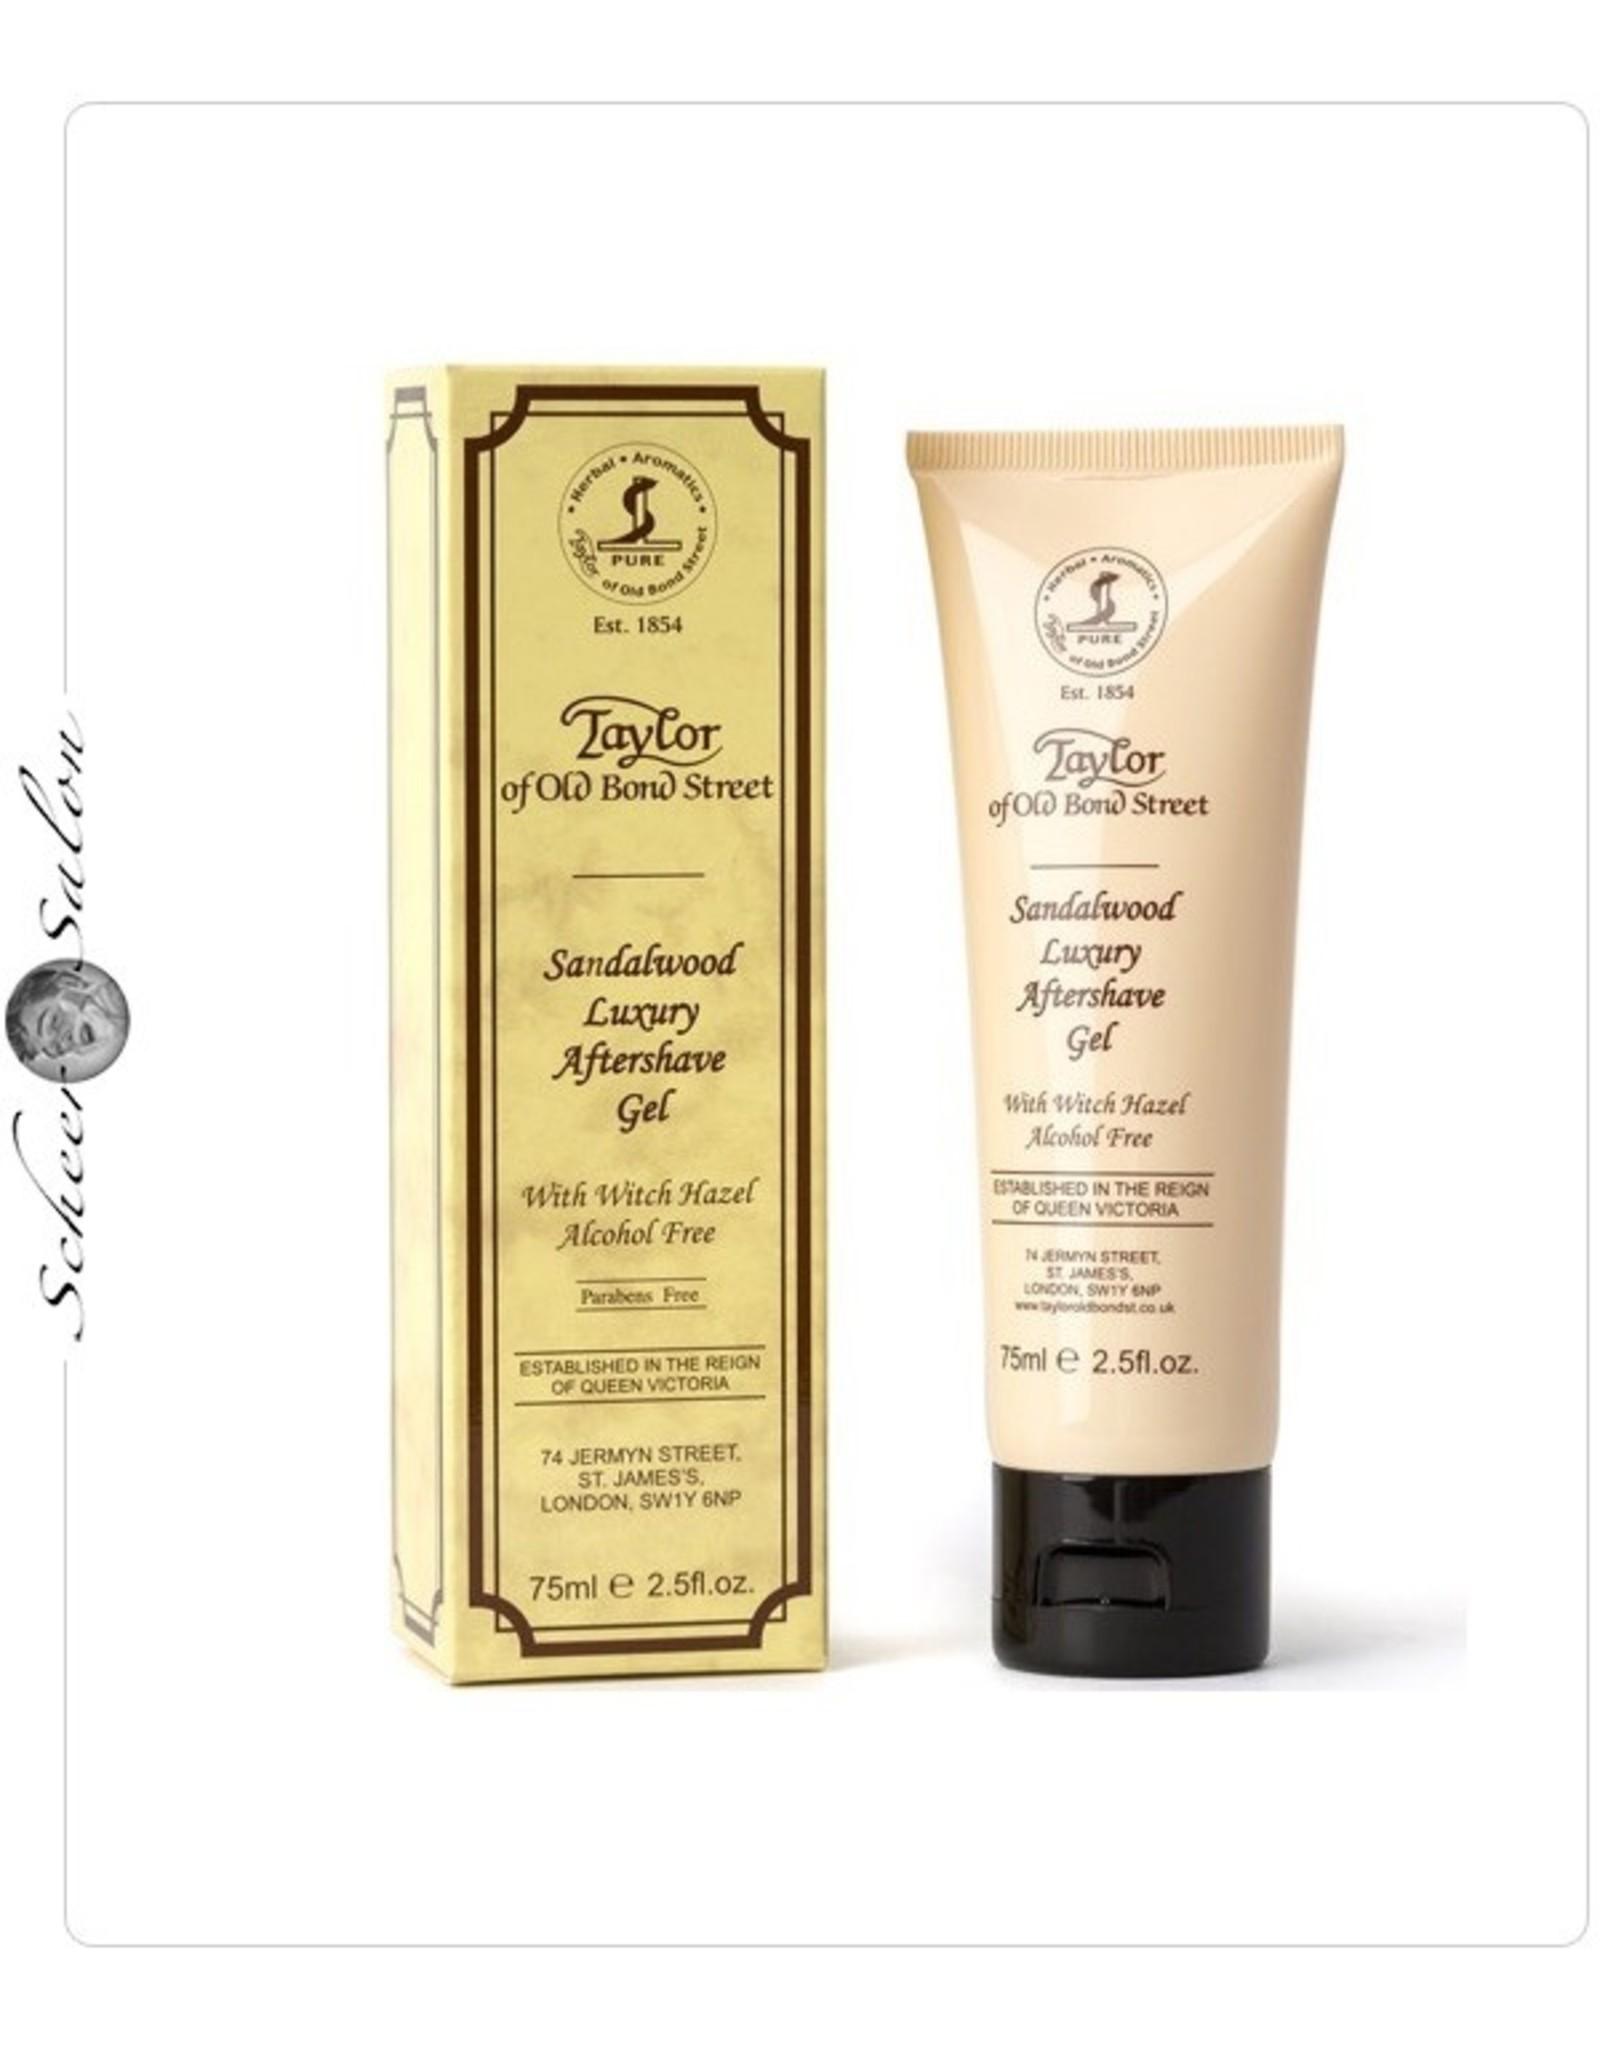 Sandalwood Luxury Aftershave Gel, 75ml